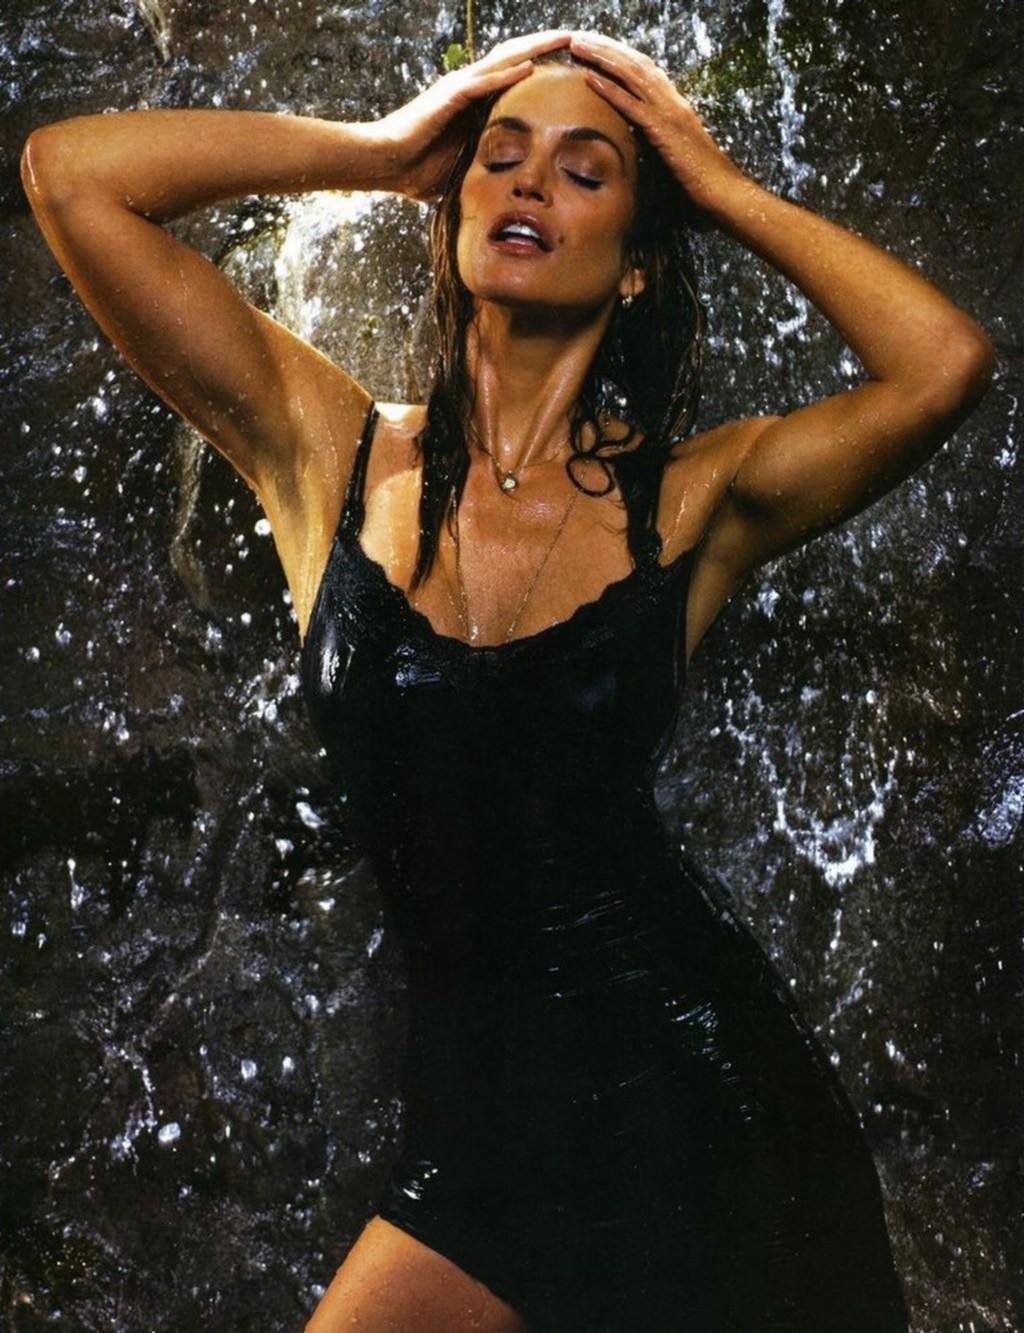 http://2.bp.blogspot.com/-0vgHIB4sX-k/T2cPrY6JawI/AAAAAAAASjE/C9ugTJM0L-I/s1600/Cindy+Crawford+wet+hot+sexy+coolaristo+14.jpg